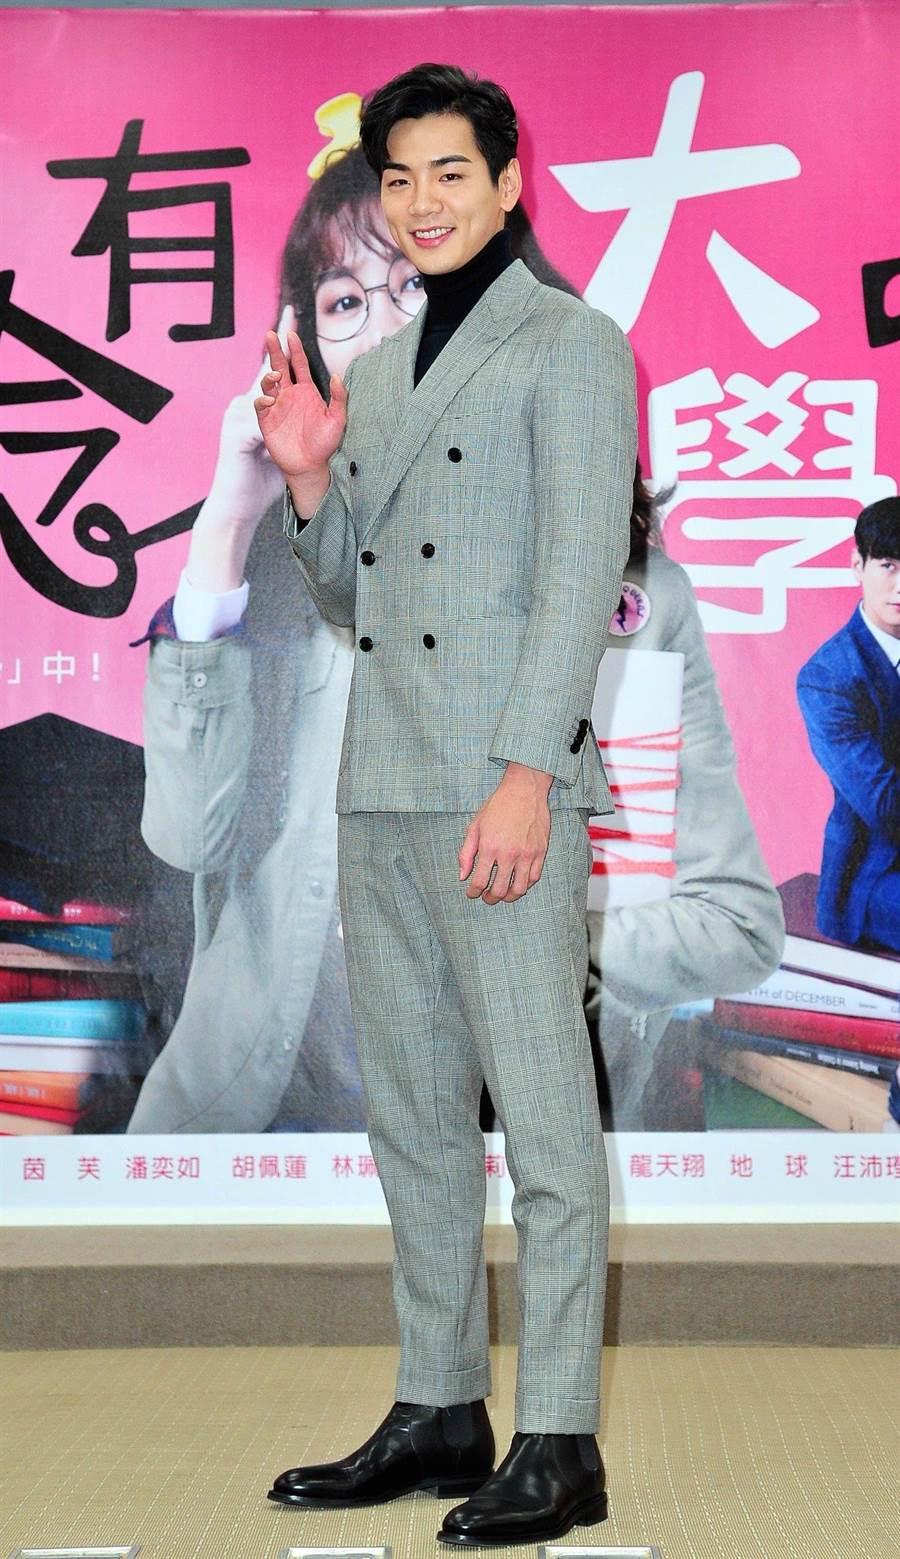 禾浩辰出席《你有念大學嗎?》首映會。(台視)